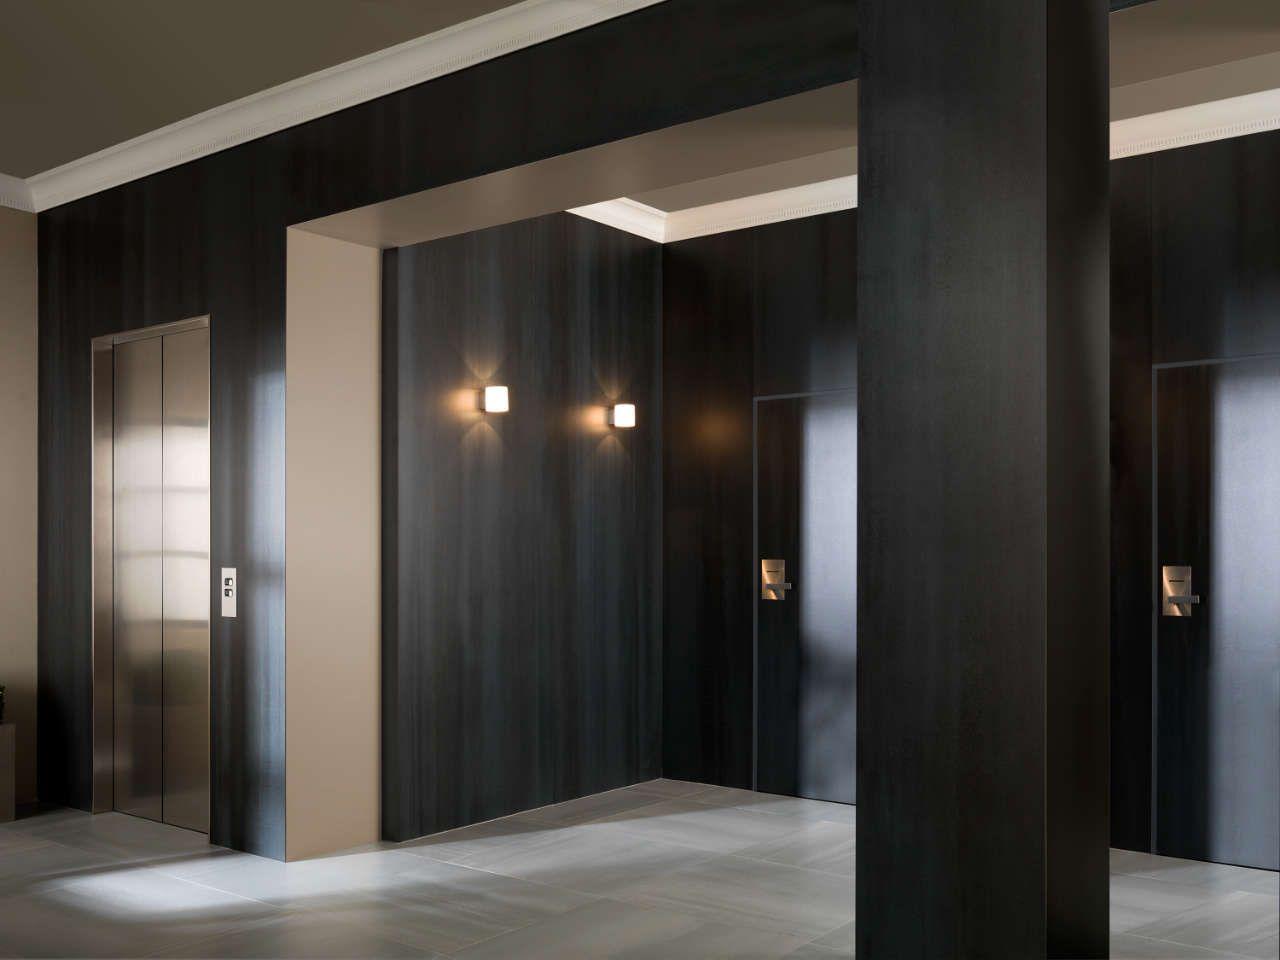 mur carrelage xlight concrete black 100x300 cm sol gr s c rame pleine masse concrete grey